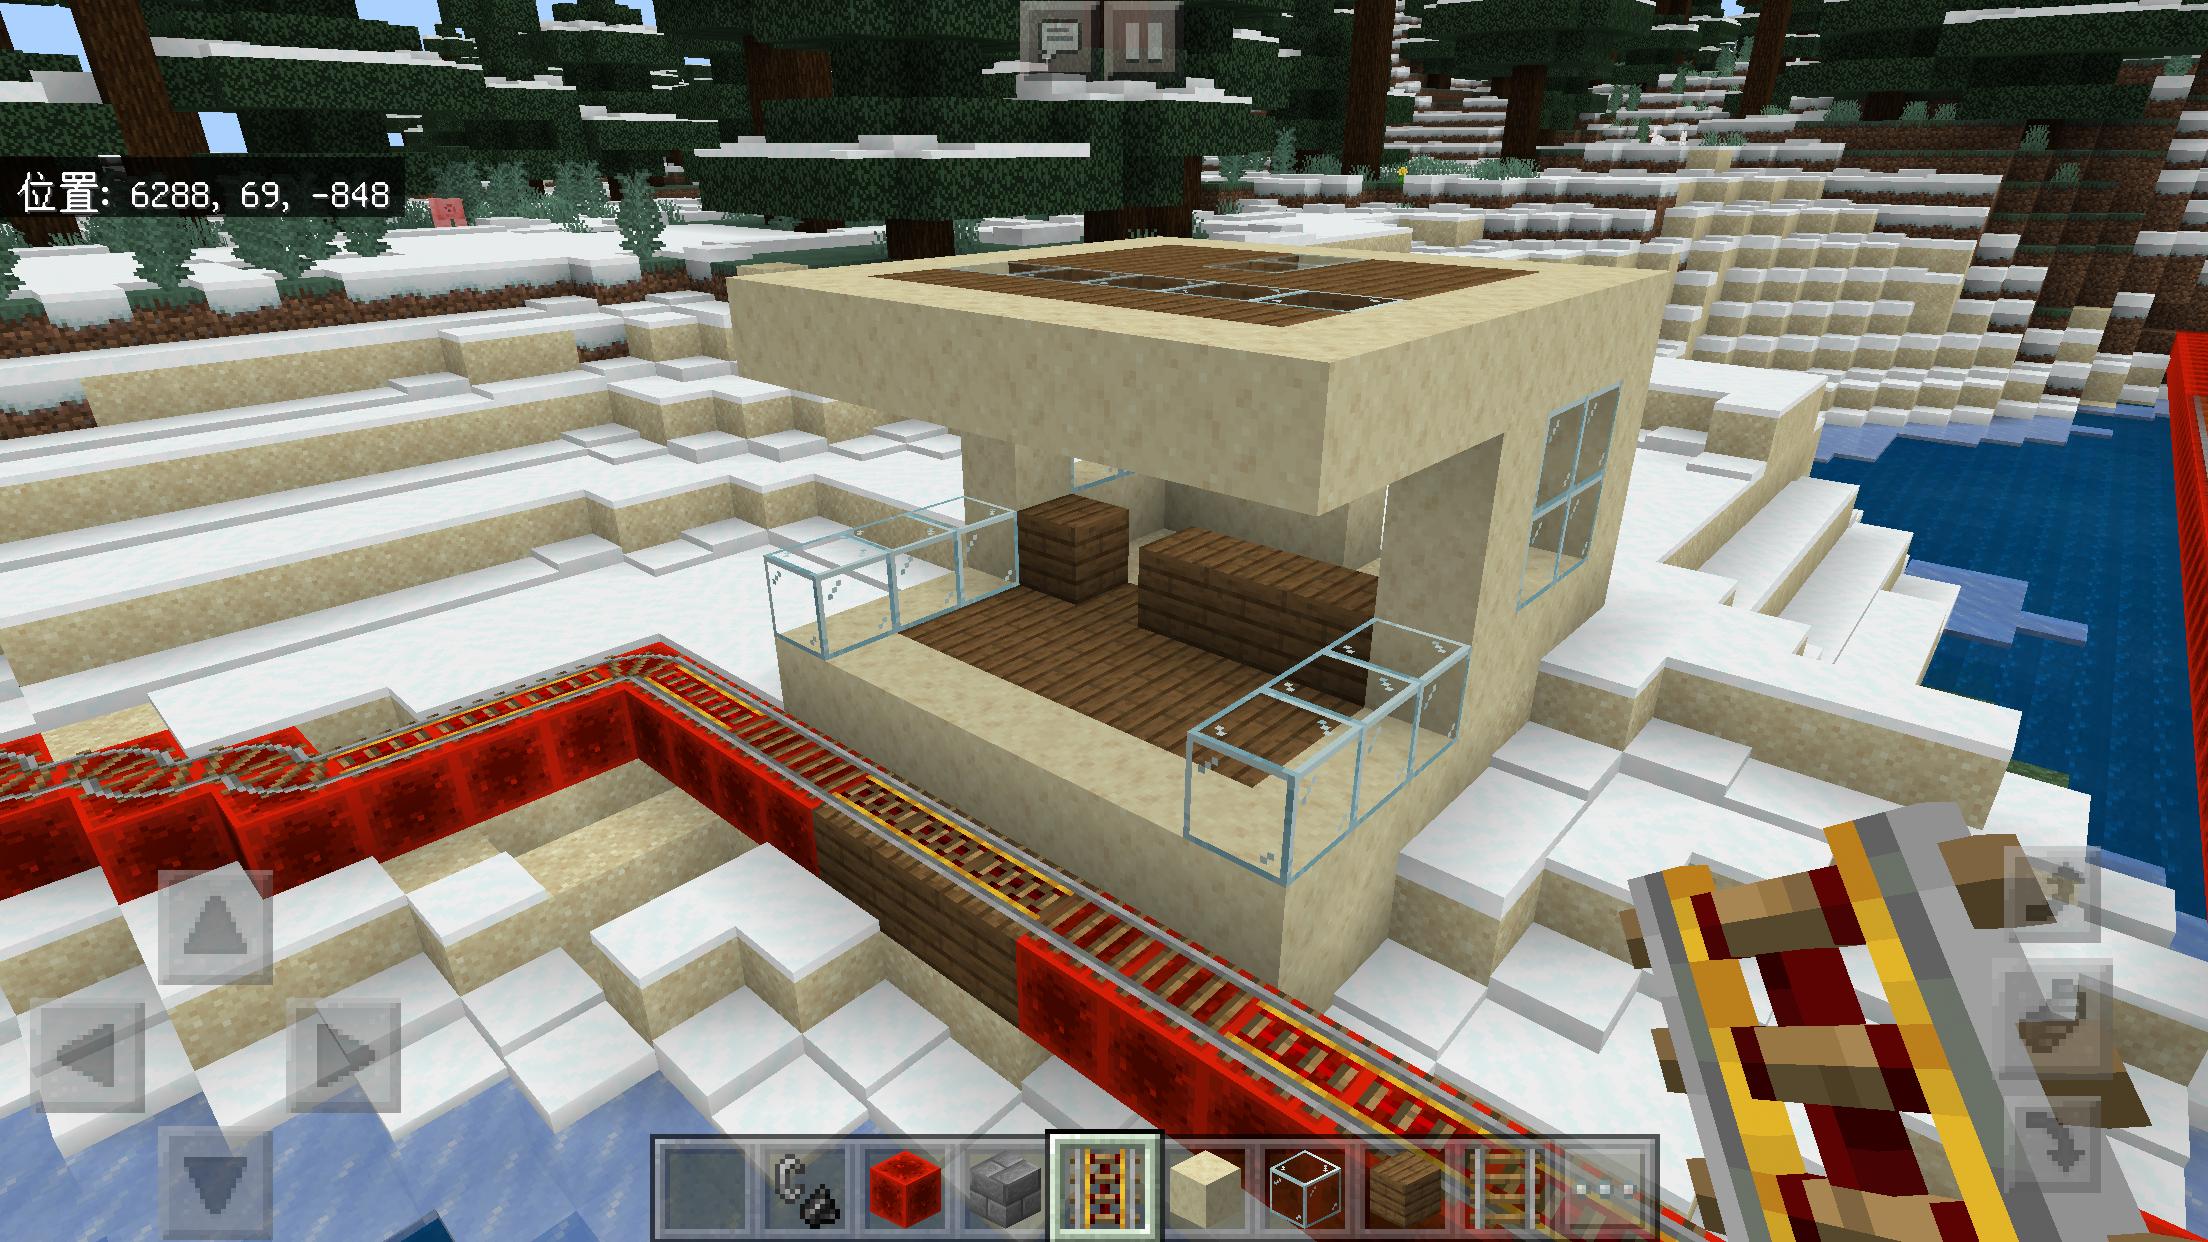 f:id:Minecraftkun:20200317111123p:image